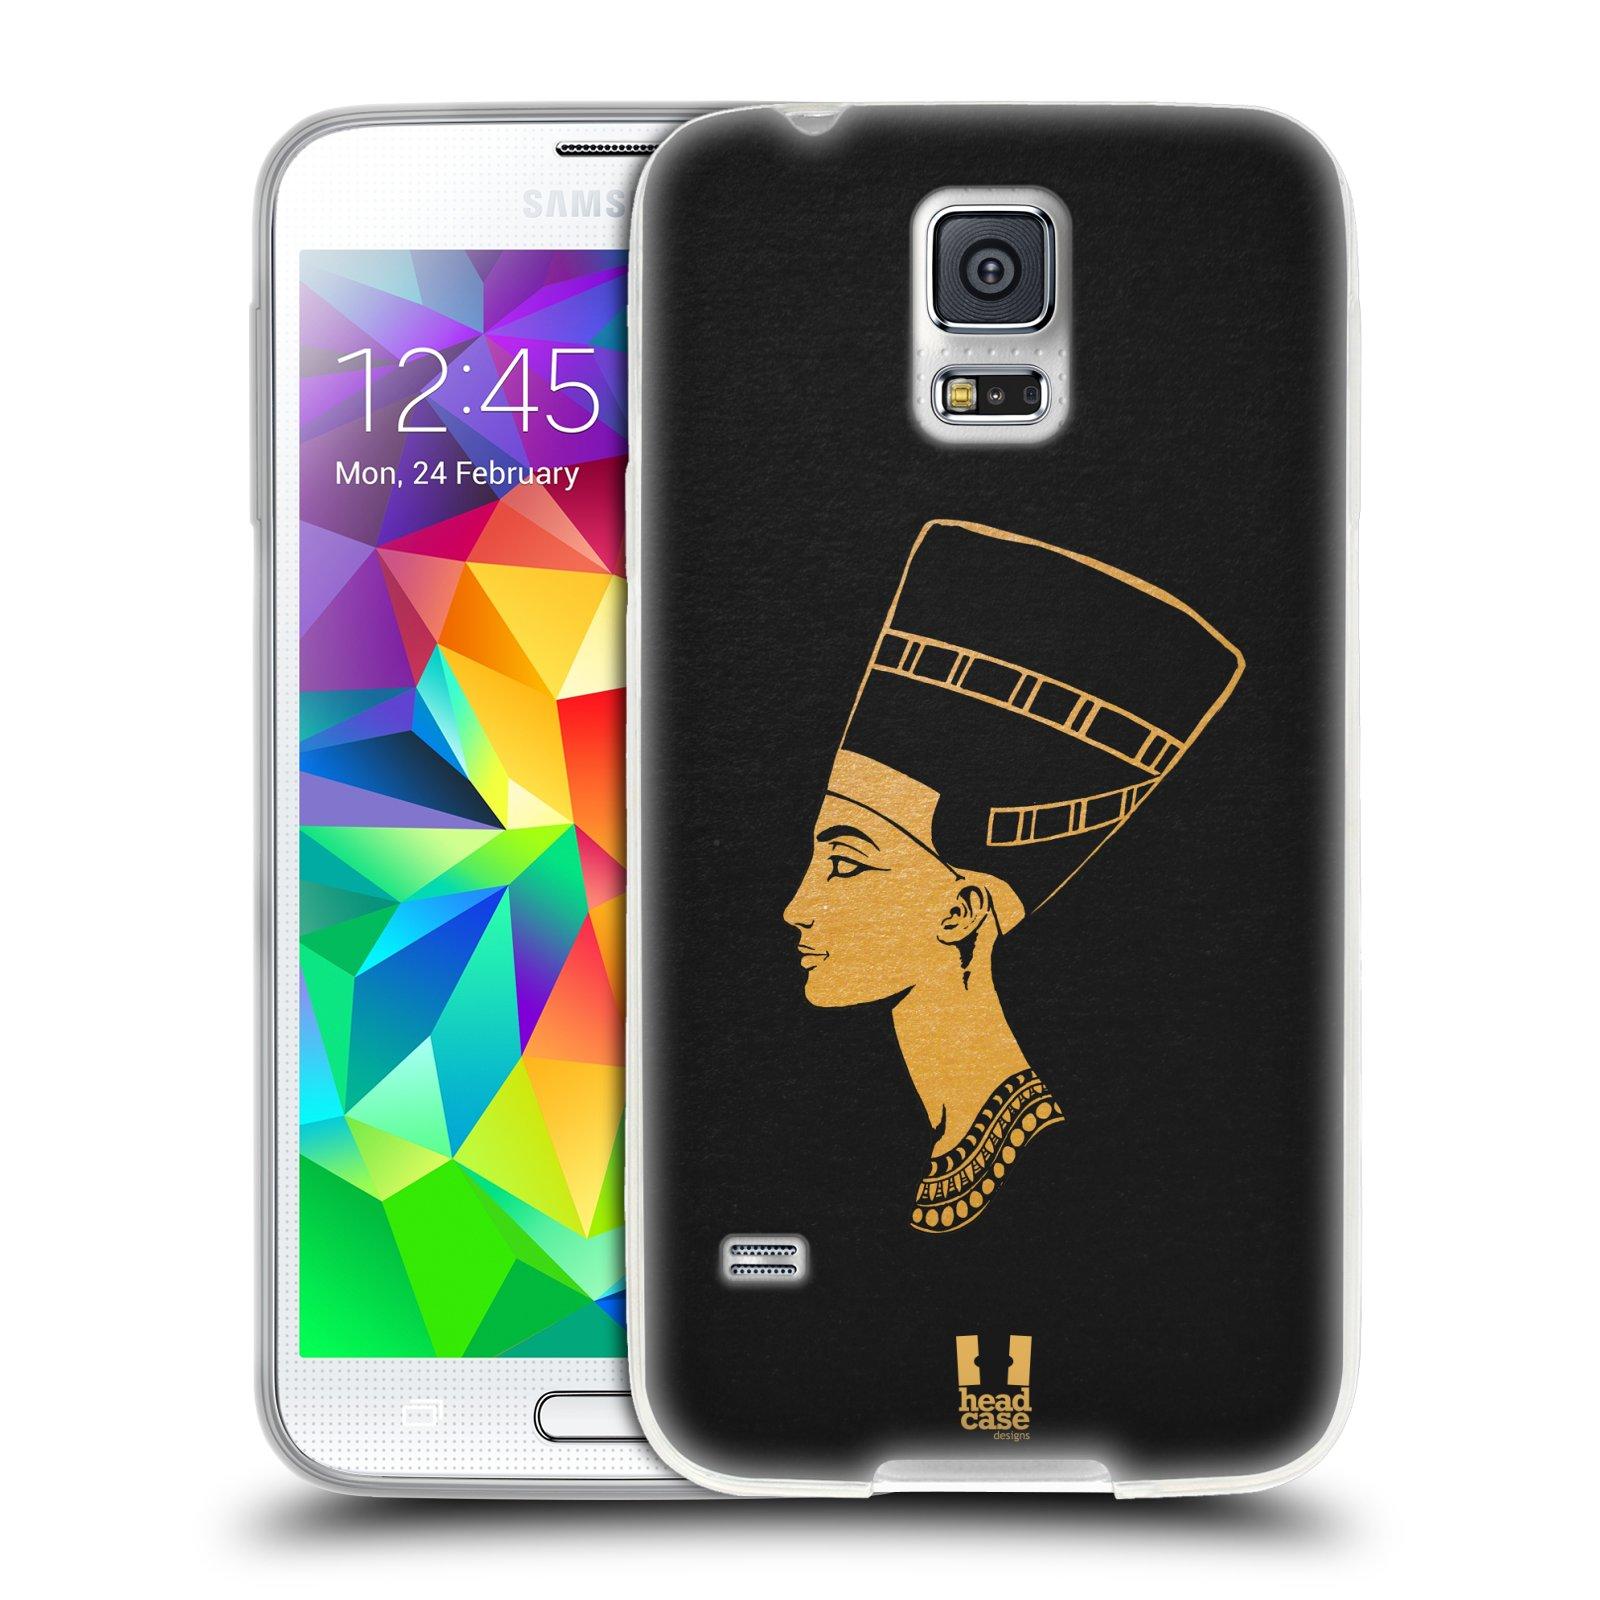 Silikonové pouzdro na mobil Samsung Galaxy S5 HEAD CASE EGYPT NEFERTITI (Silikonový kryt či obal na mobilní telefon Samsung Galaxy S5 SM-G900F)